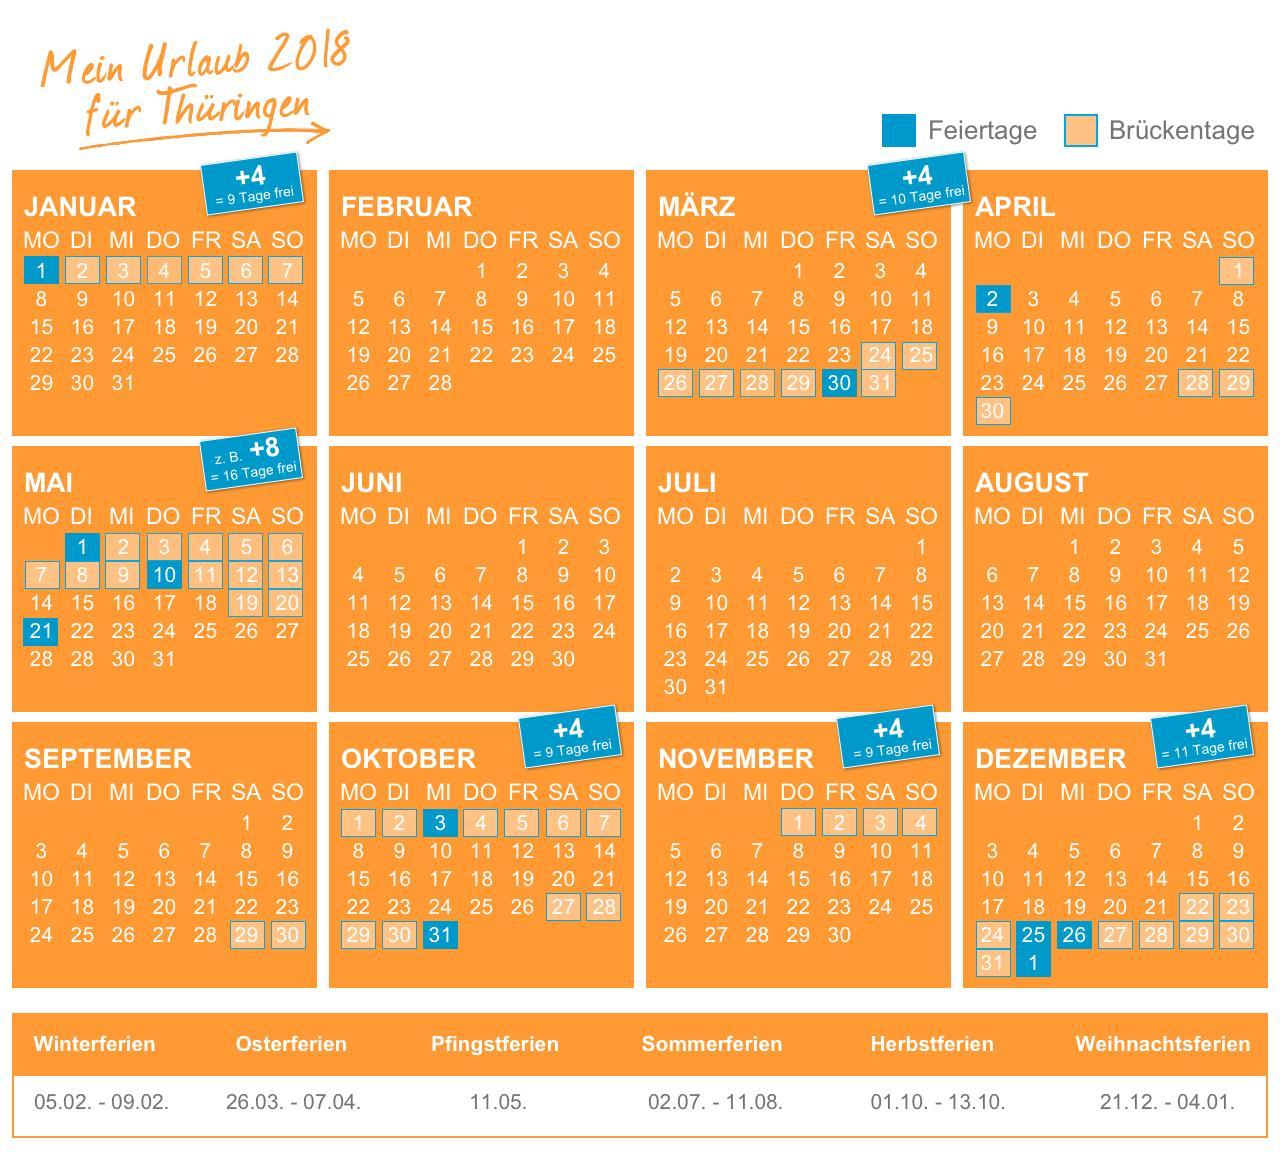 urlaubsplaner-brueckentagsplaner-ferien-feiertage-thueringen